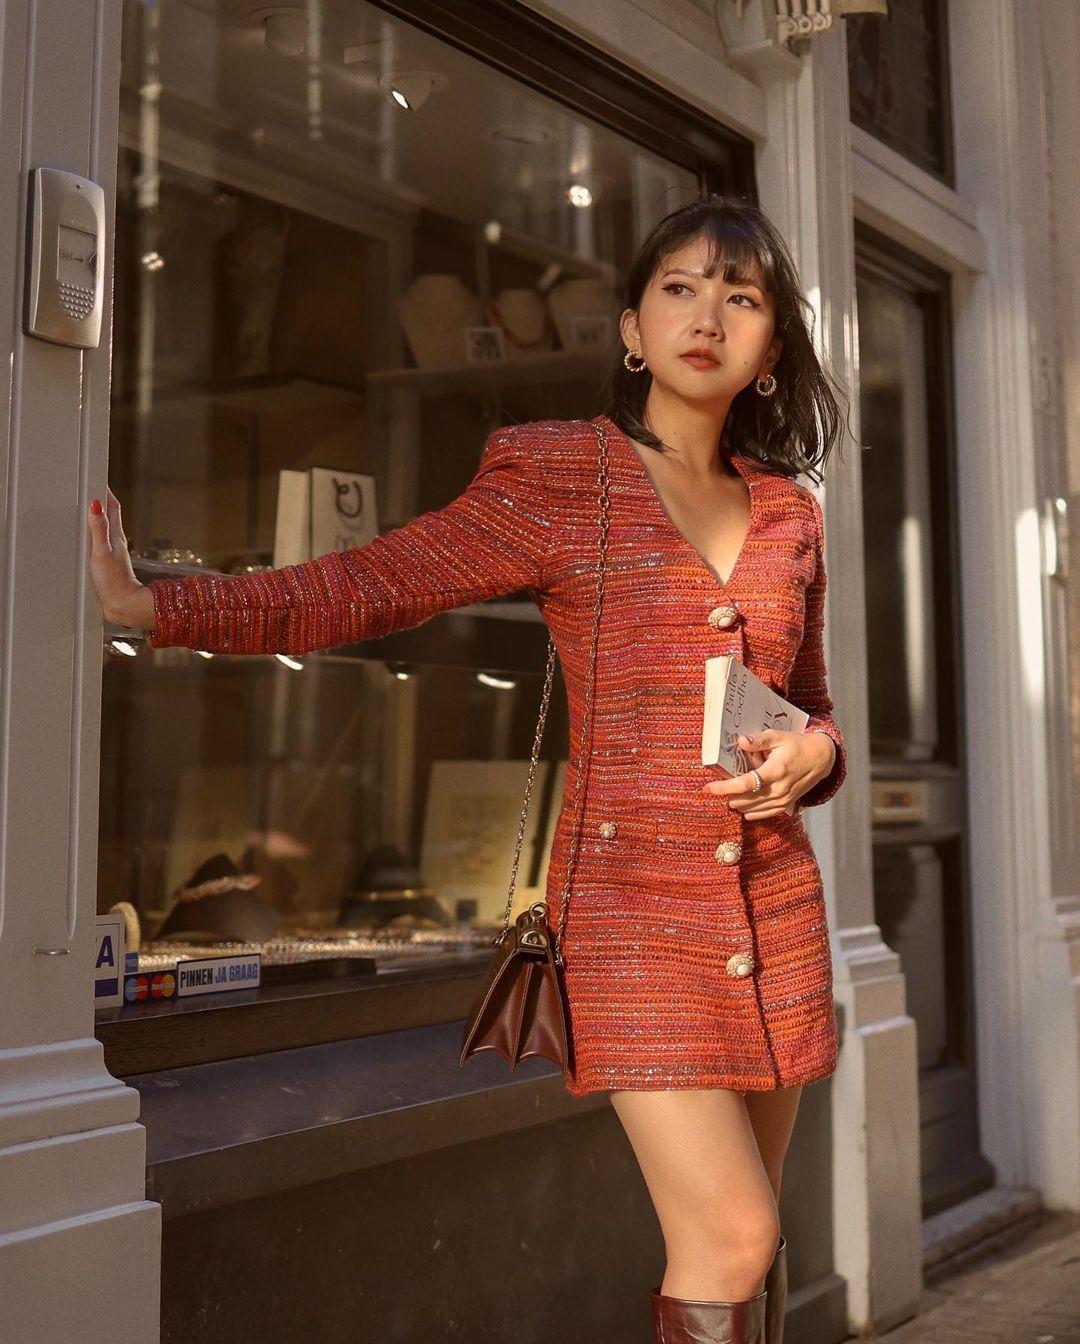 Phong cách thời trang ảnh hưởng đến độ hấp dẫn của bạn